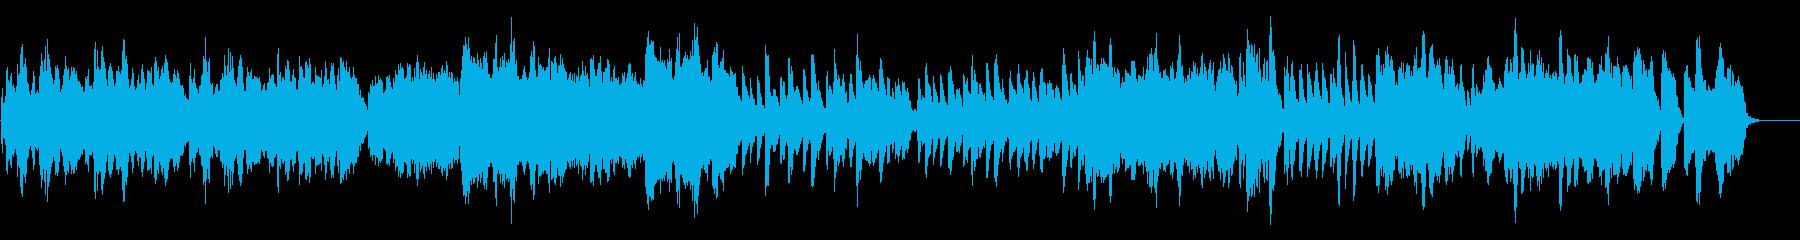 2本のフルートによる優しいアンサンブルの再生済みの波形